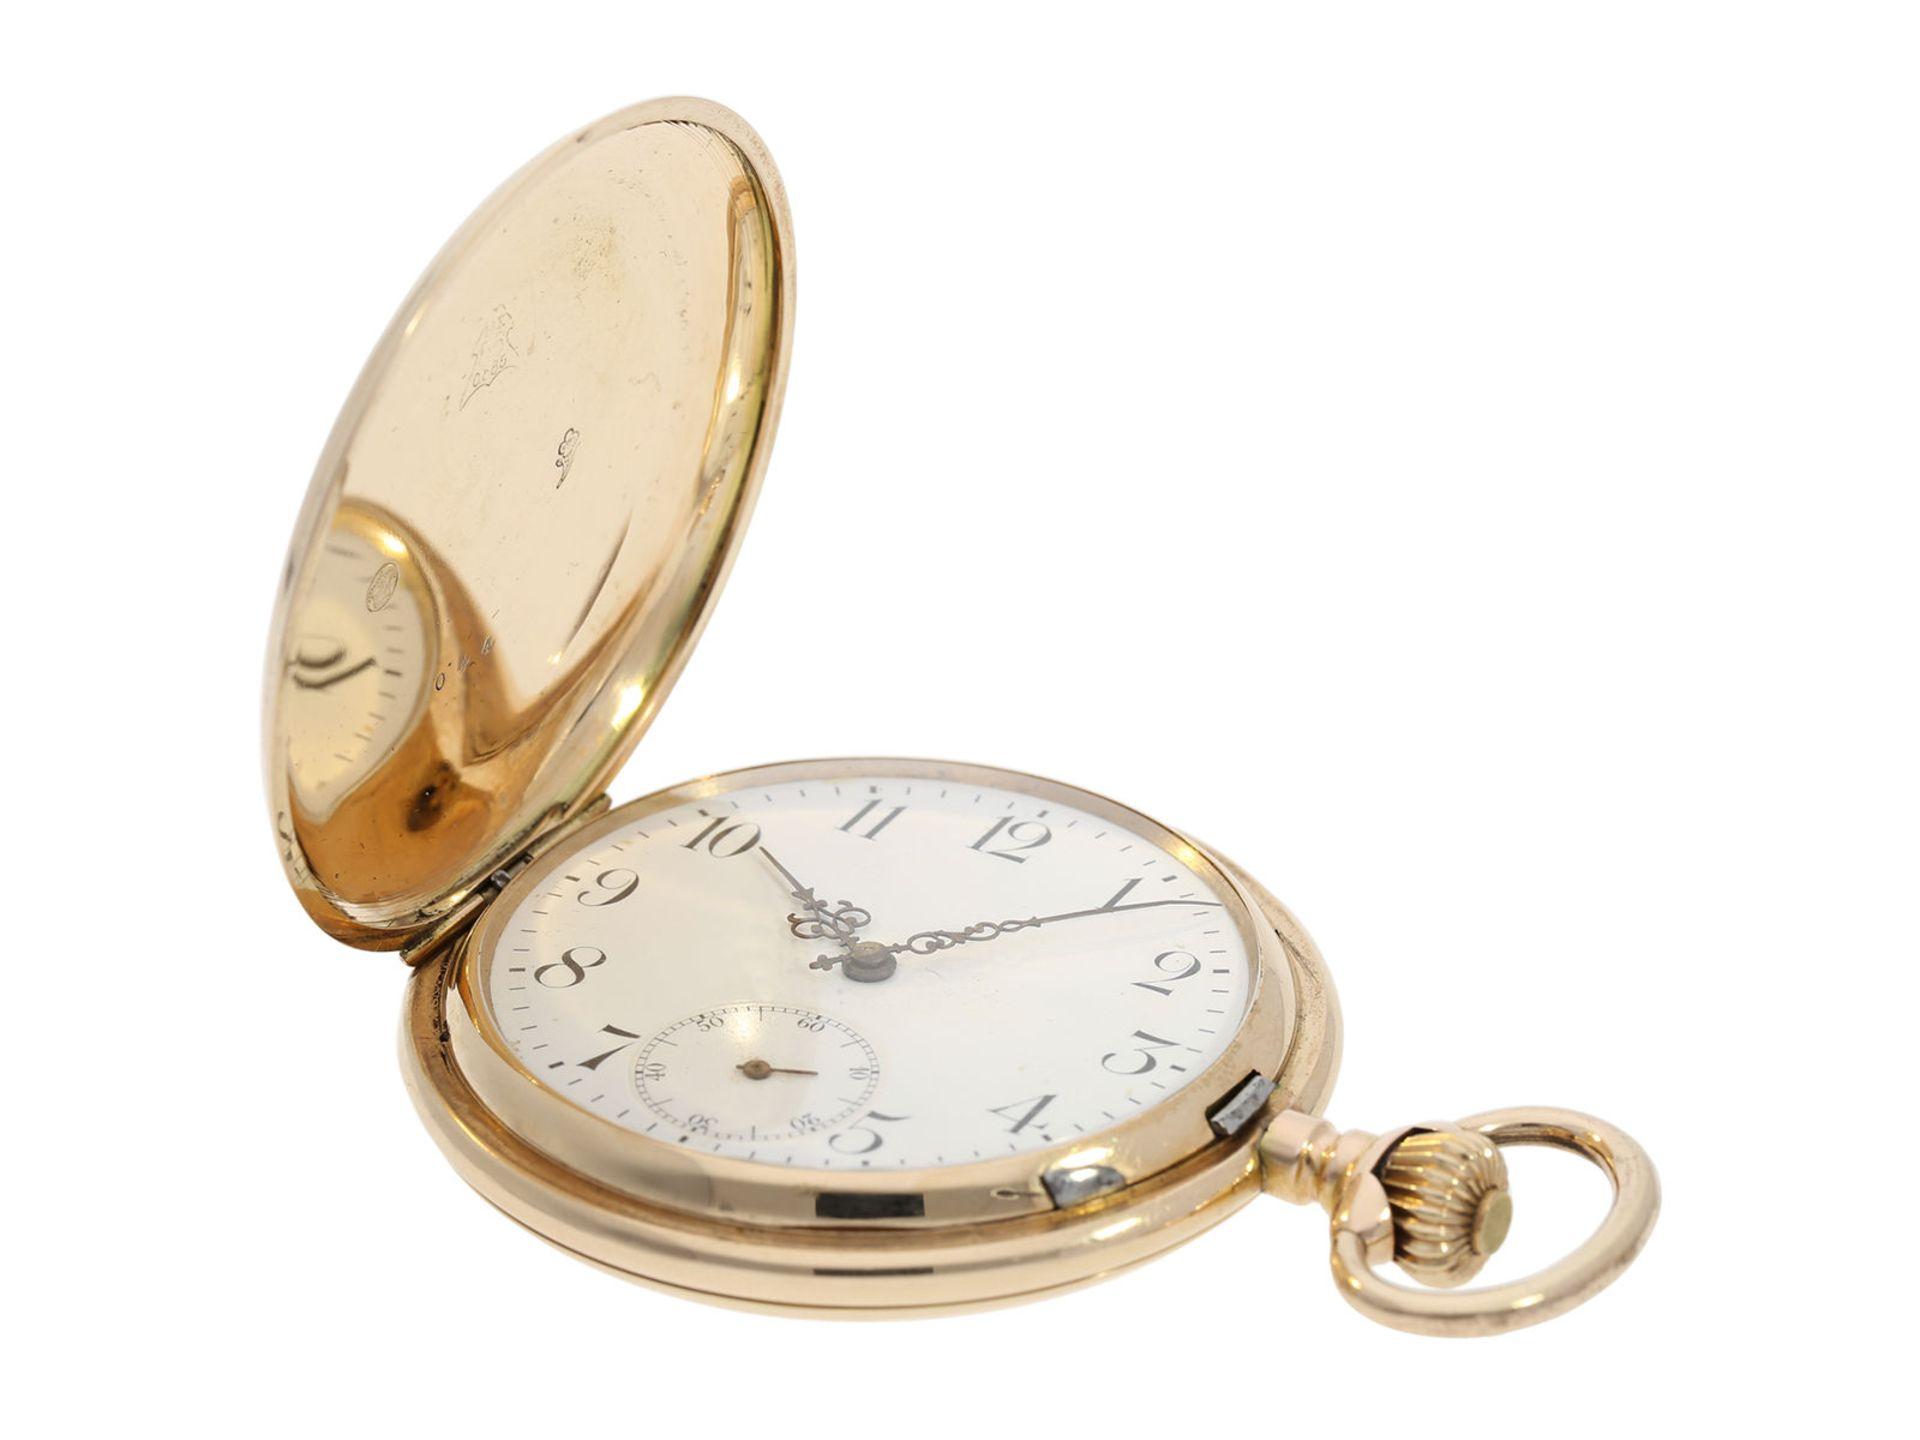 Pocket watch: heavy pink gold hunting case watch, Swiss Ankerchronometer, around 1900, No. - Bild 2 aus 8